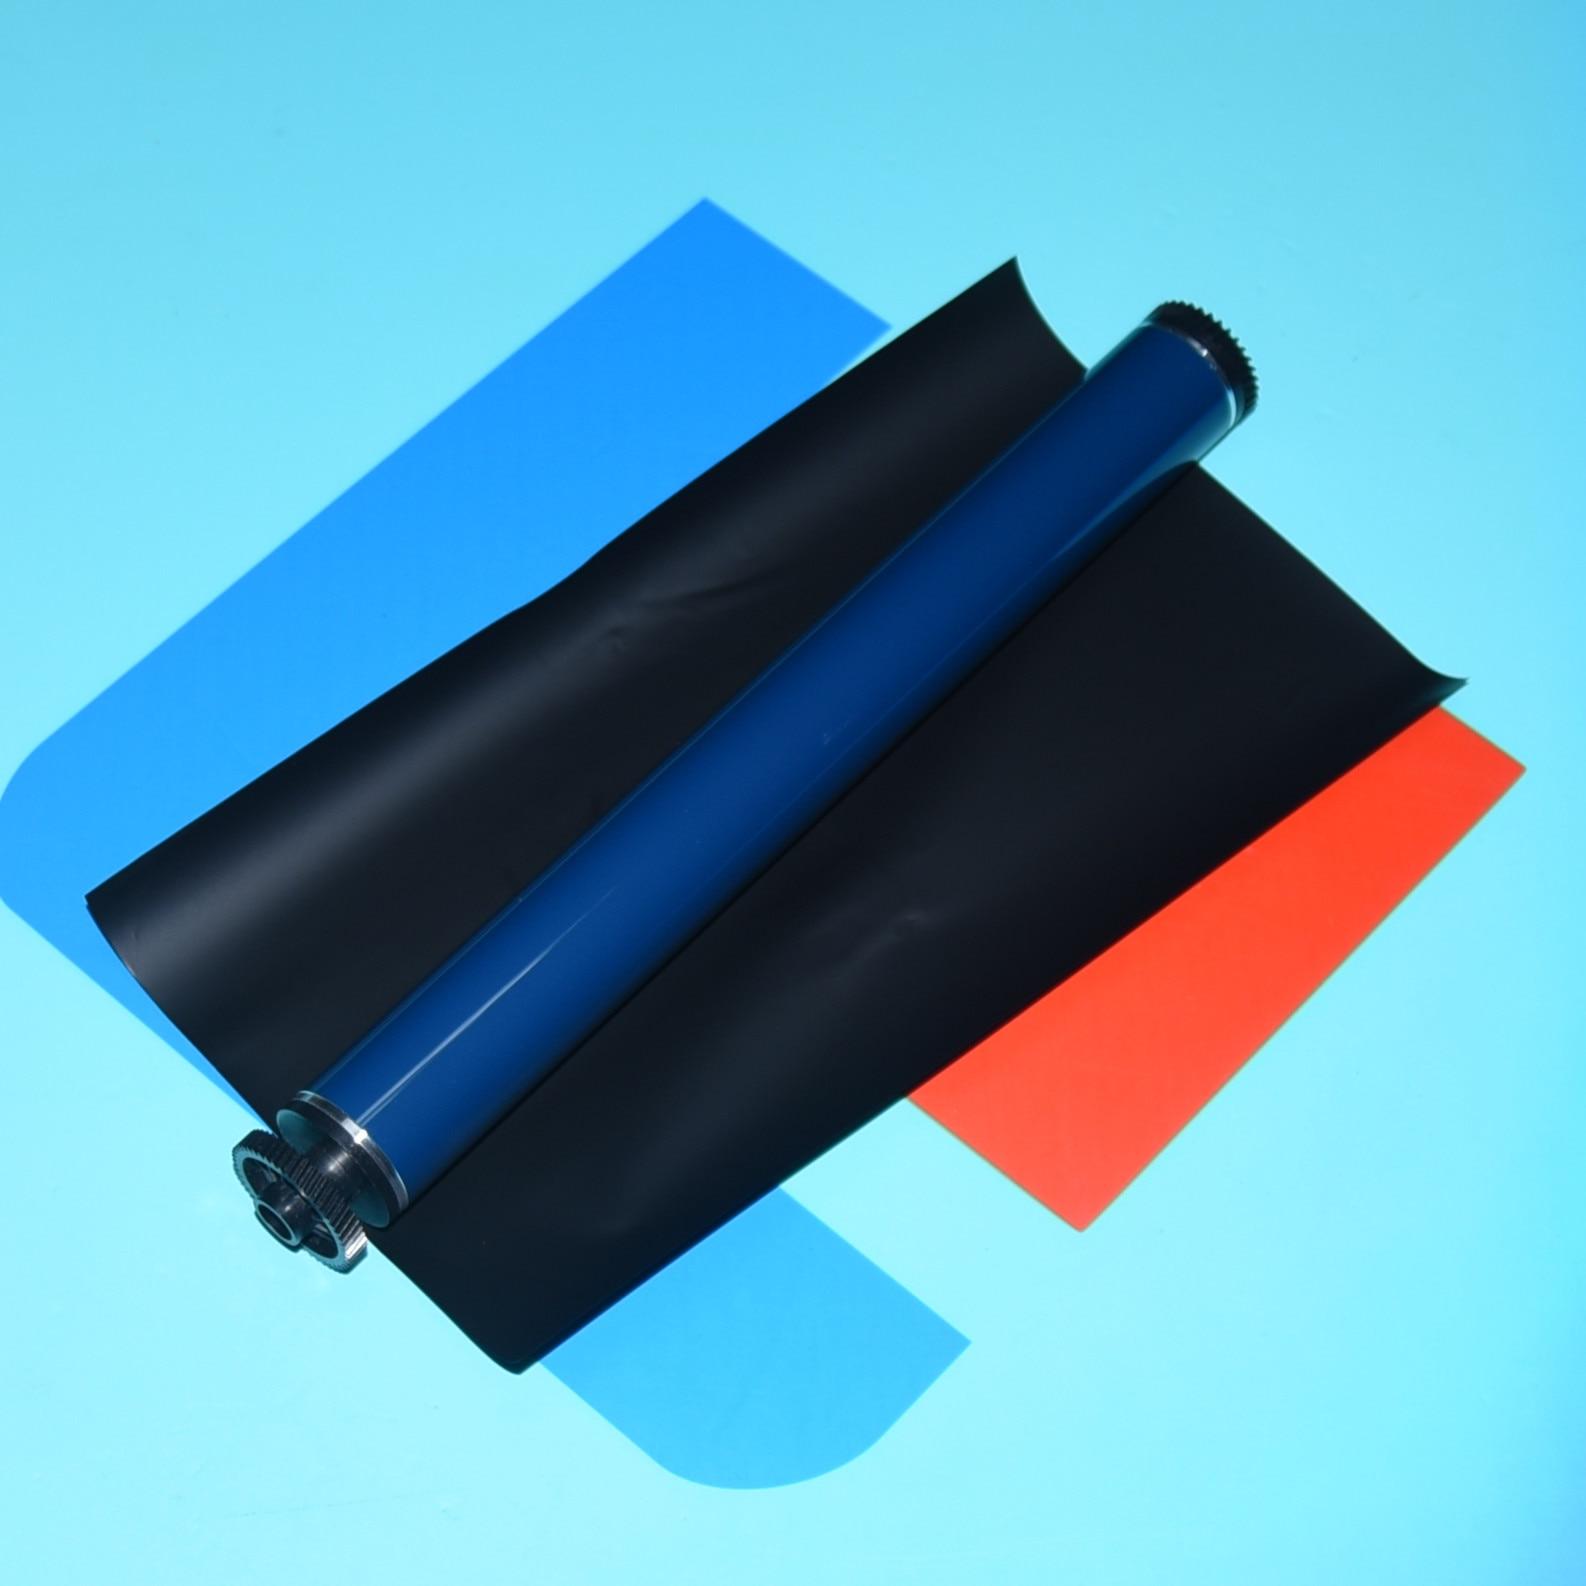 ¿5 uds? De alta calidad Compatible nuevo tambor OPC para Ricoh C435 C440 C401 C401 C430 C431 C300 C400